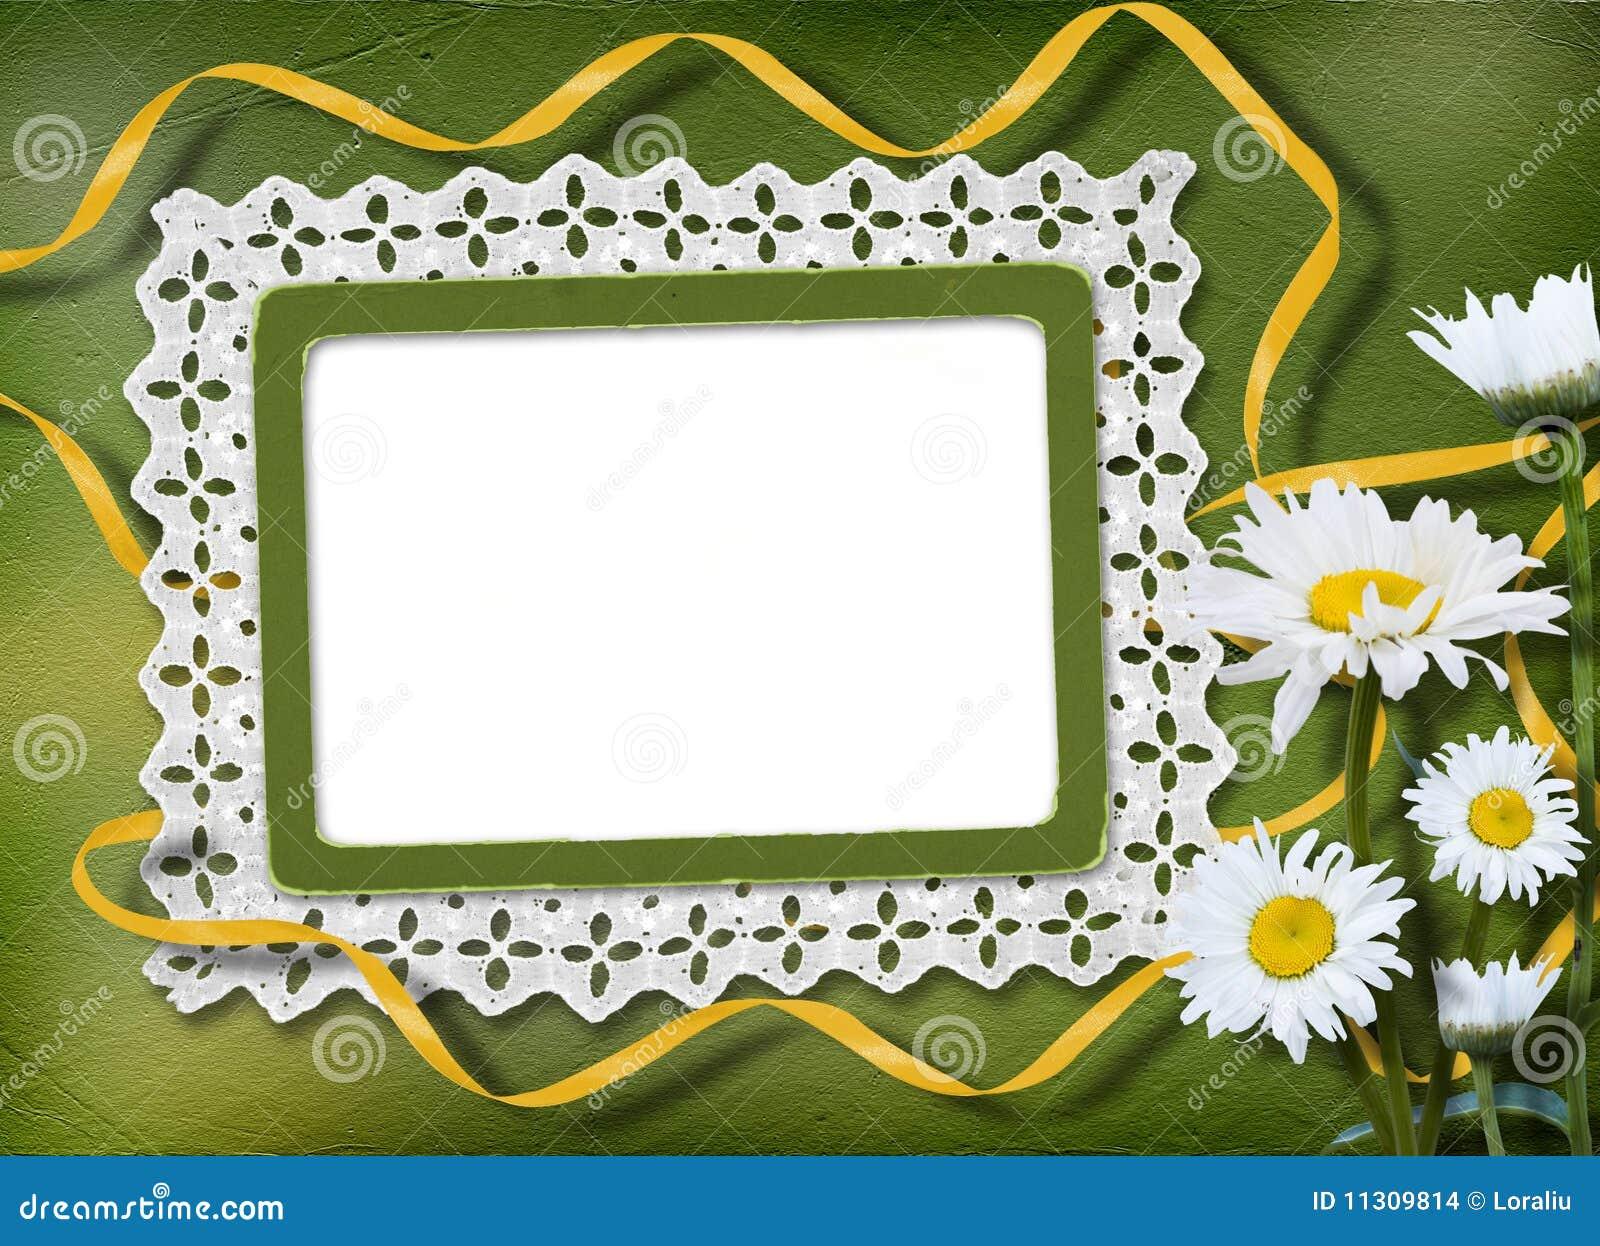 Grüner abstrakter Hintergrund mit Feld